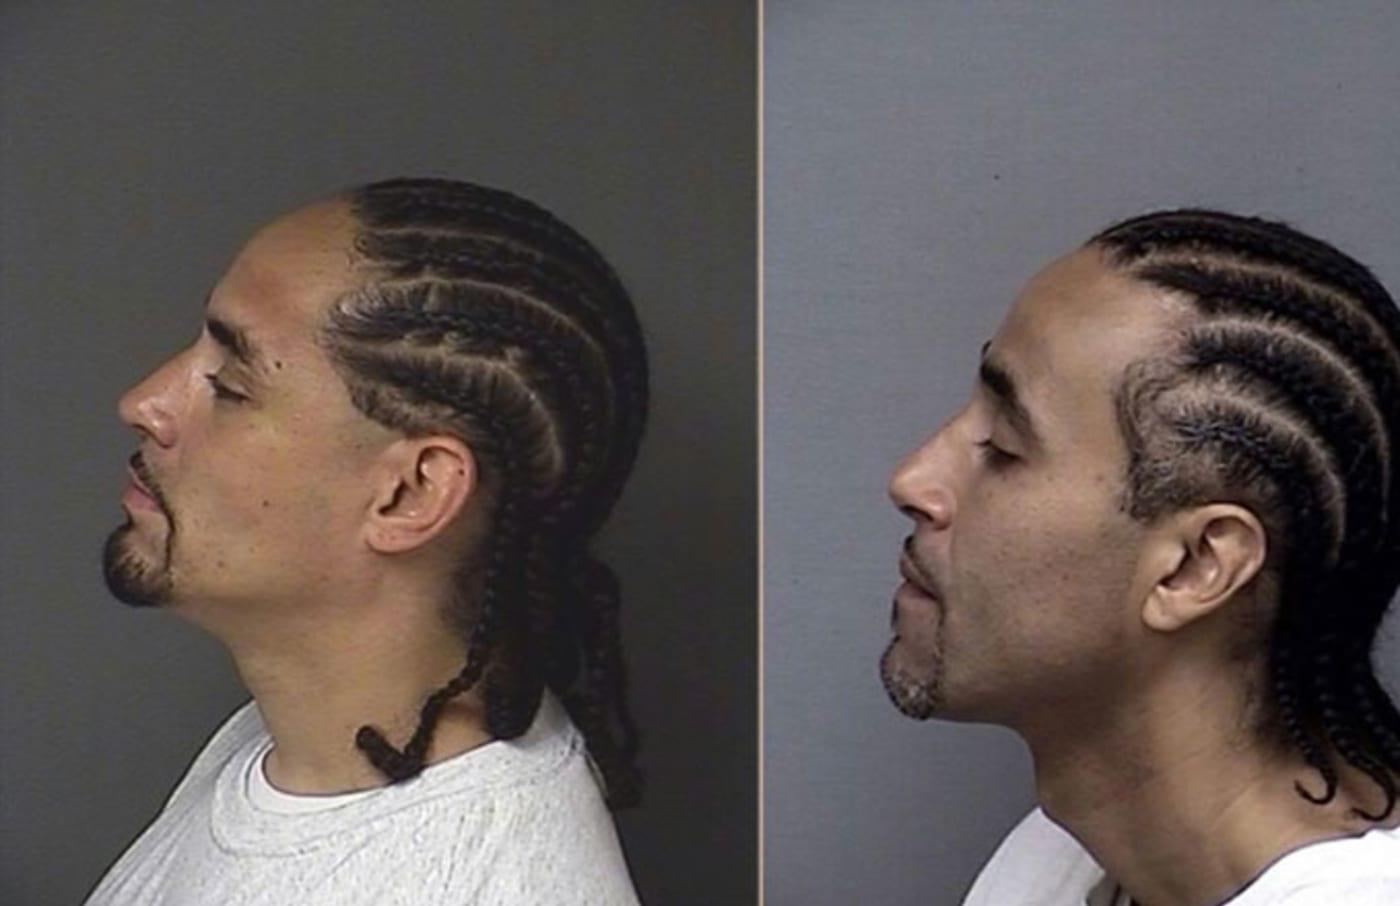 doppelganger criminal